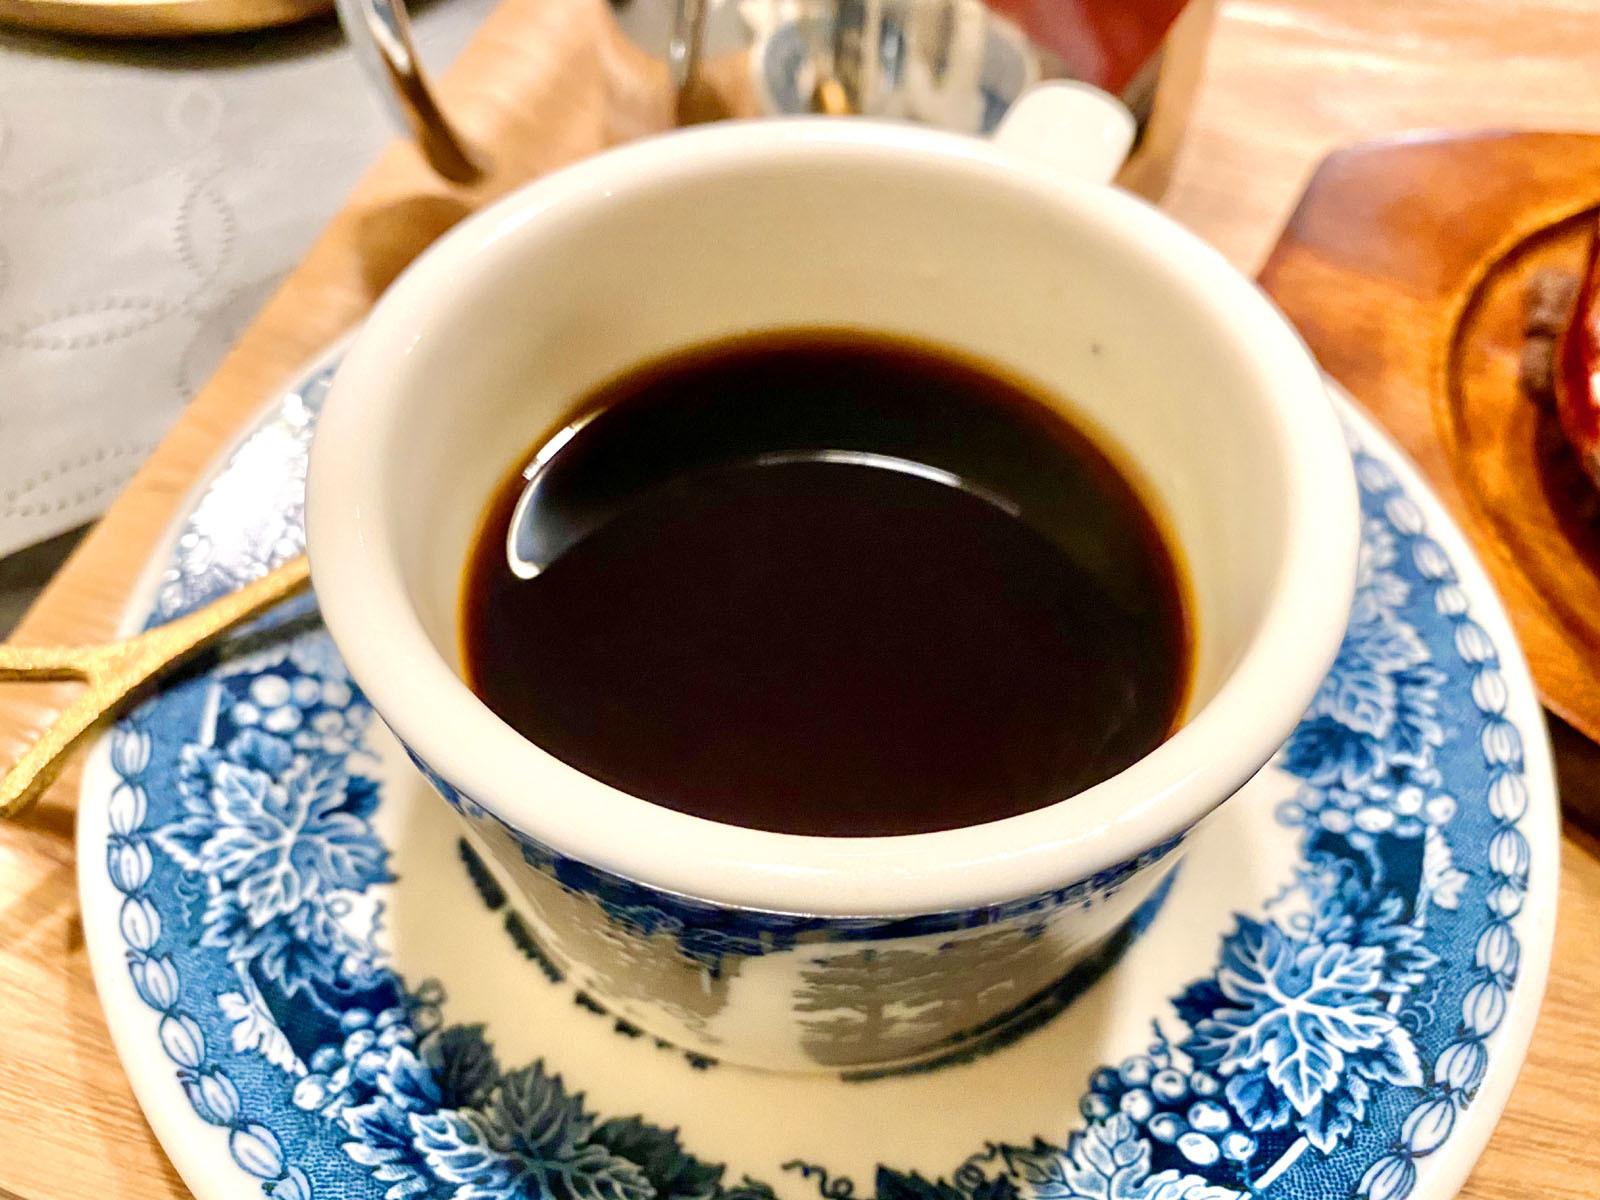 フレンチローストブレンド Cup 550円 Pot 600円